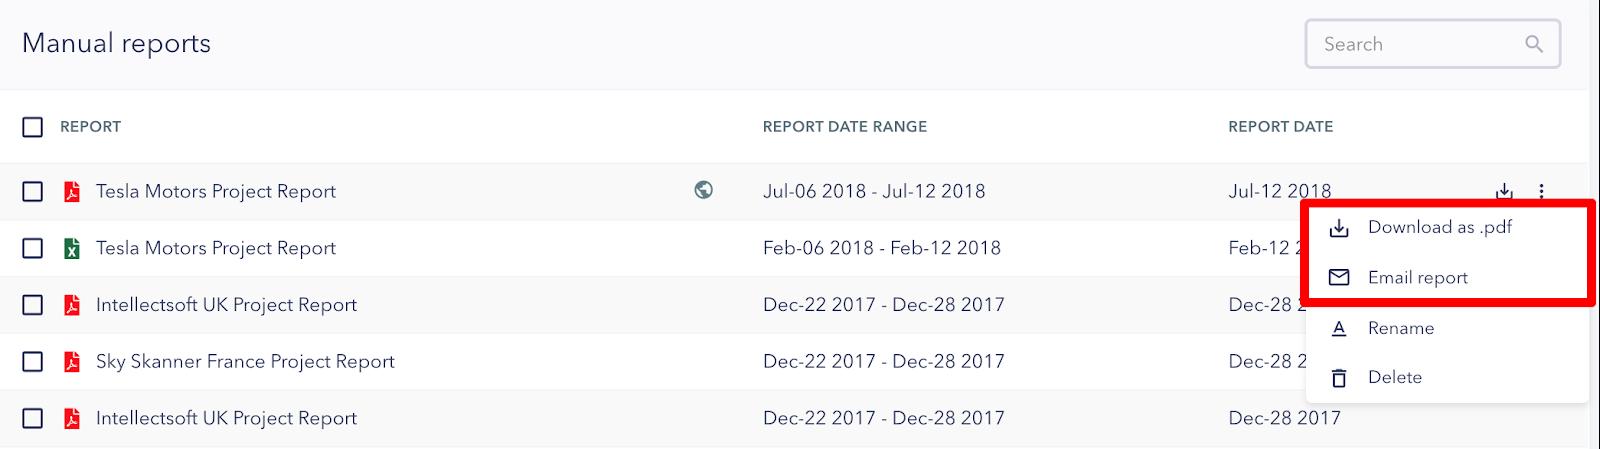 manual_report